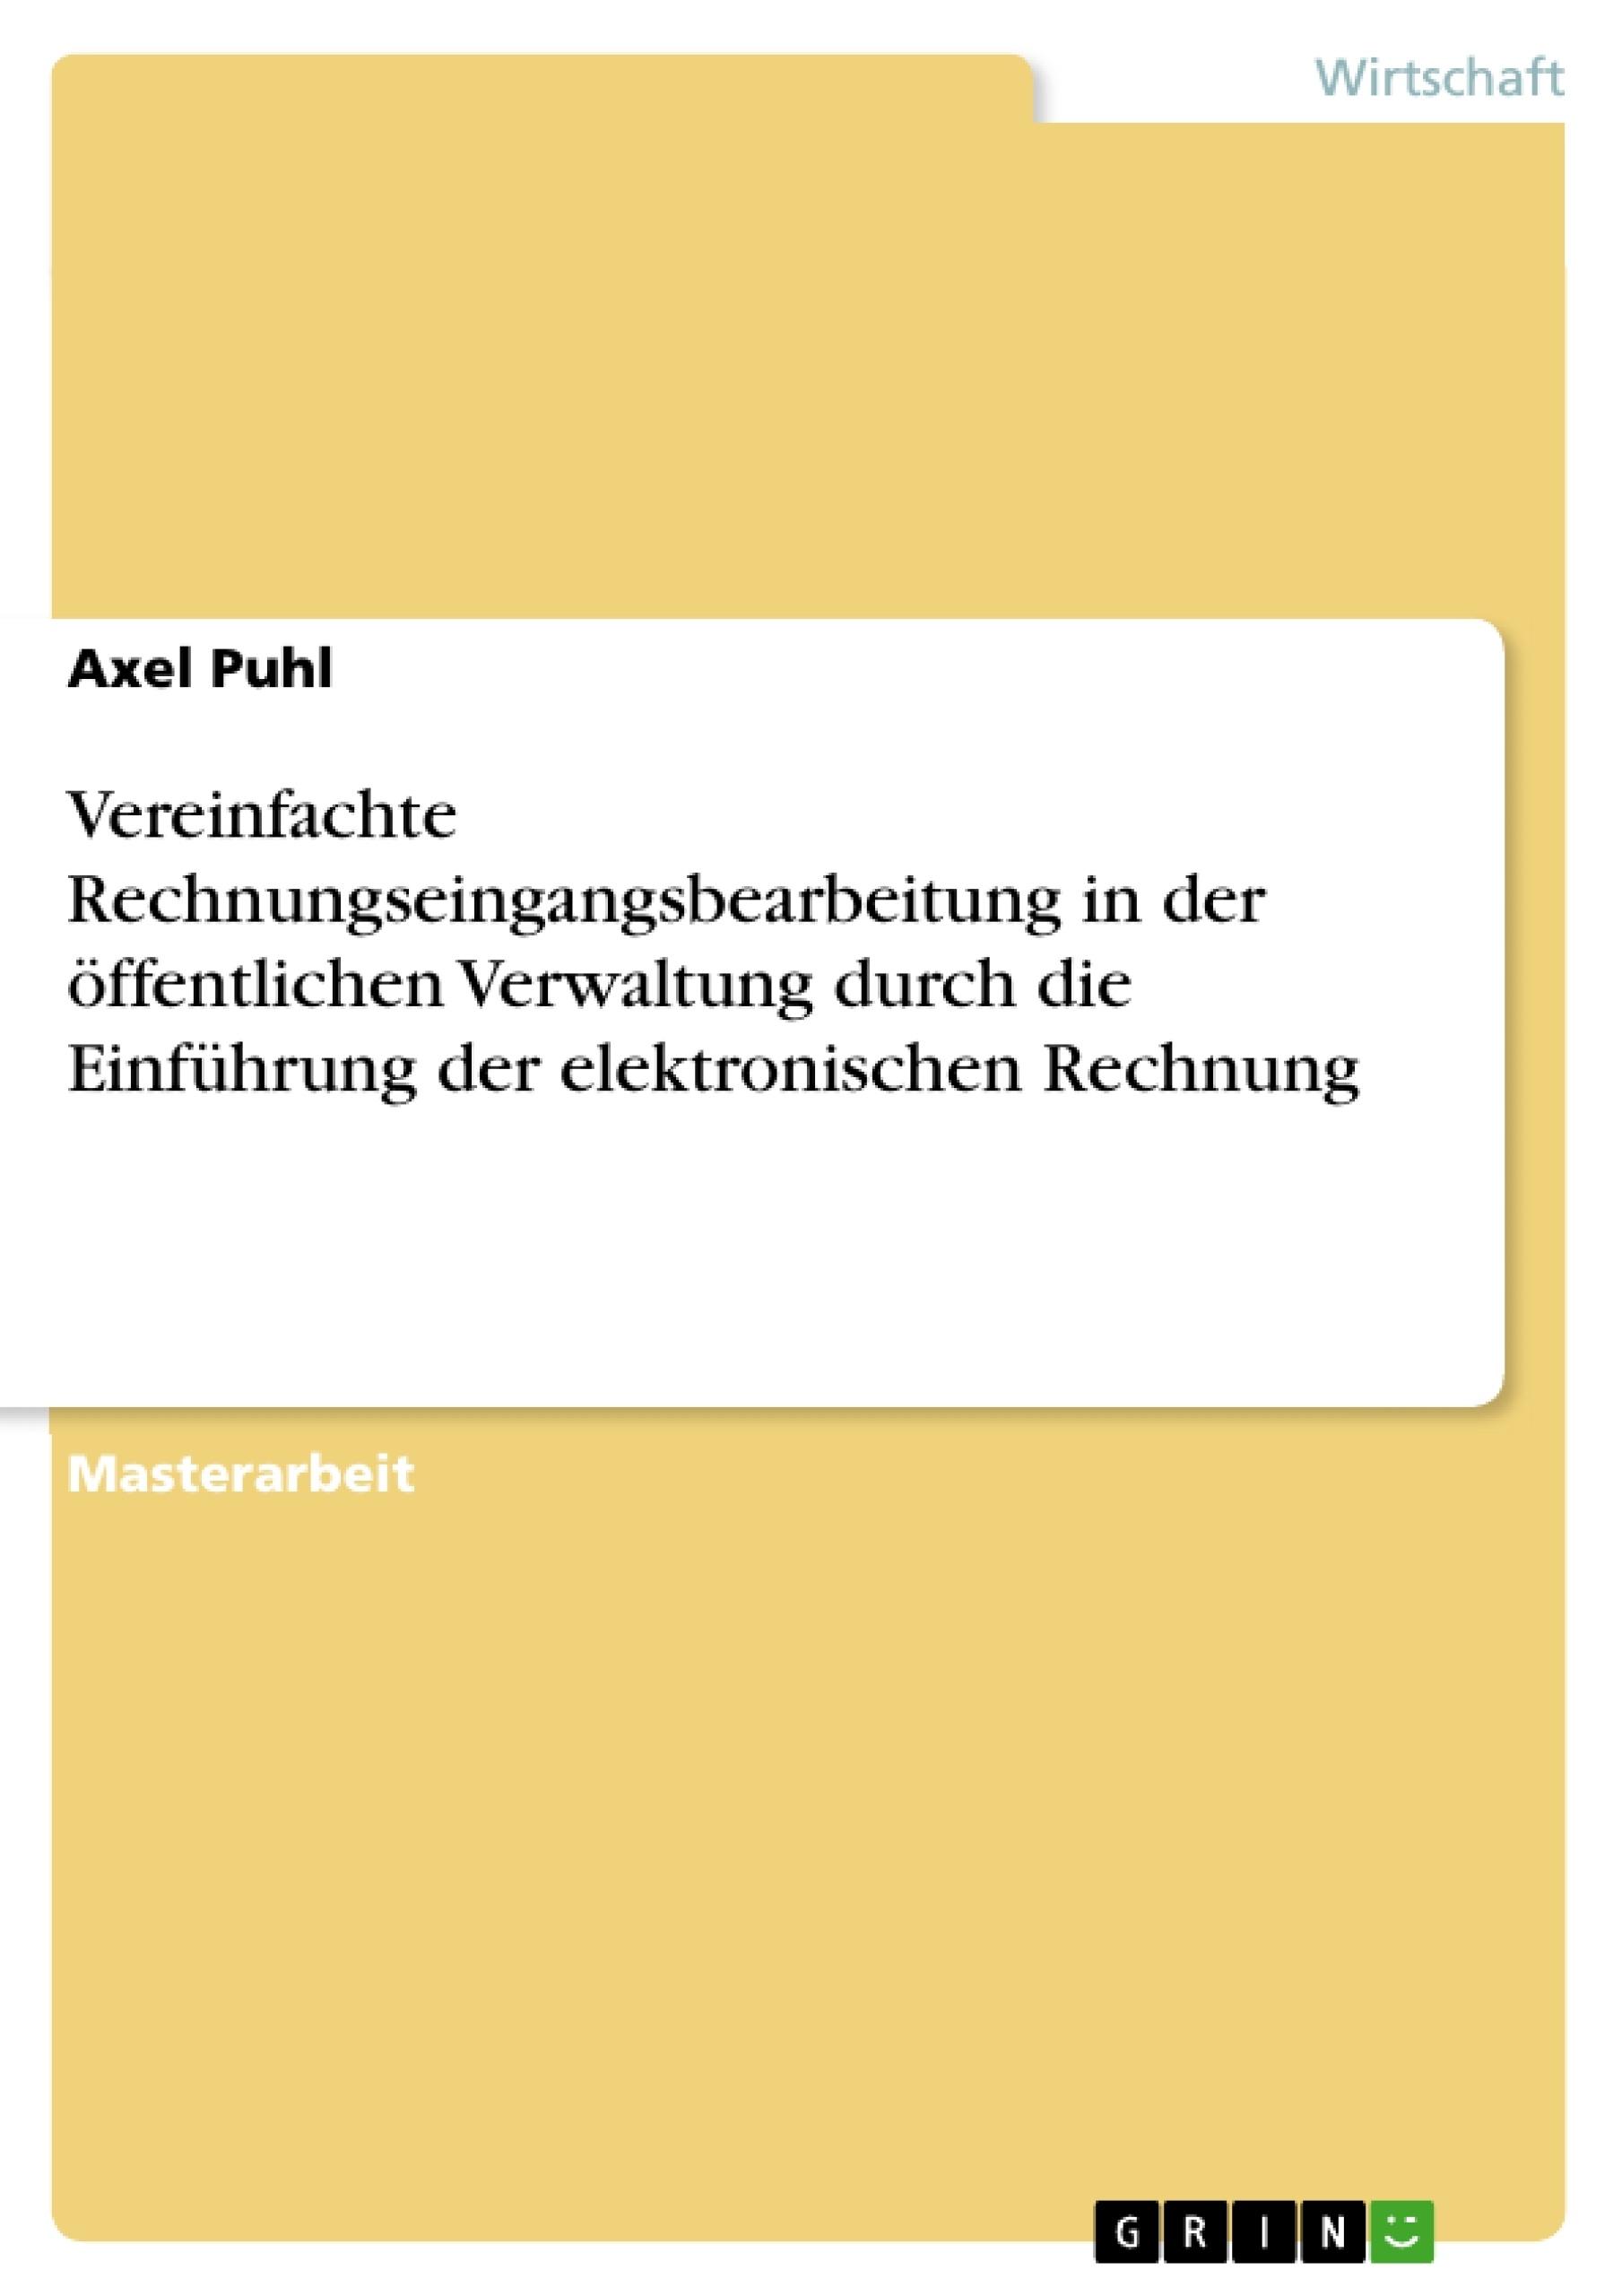 Titel: Vereinfachte Rechnungseingangsbearbeitung in der öffentlichen Verwaltung durch die Einführung der elektronischen Rechnung